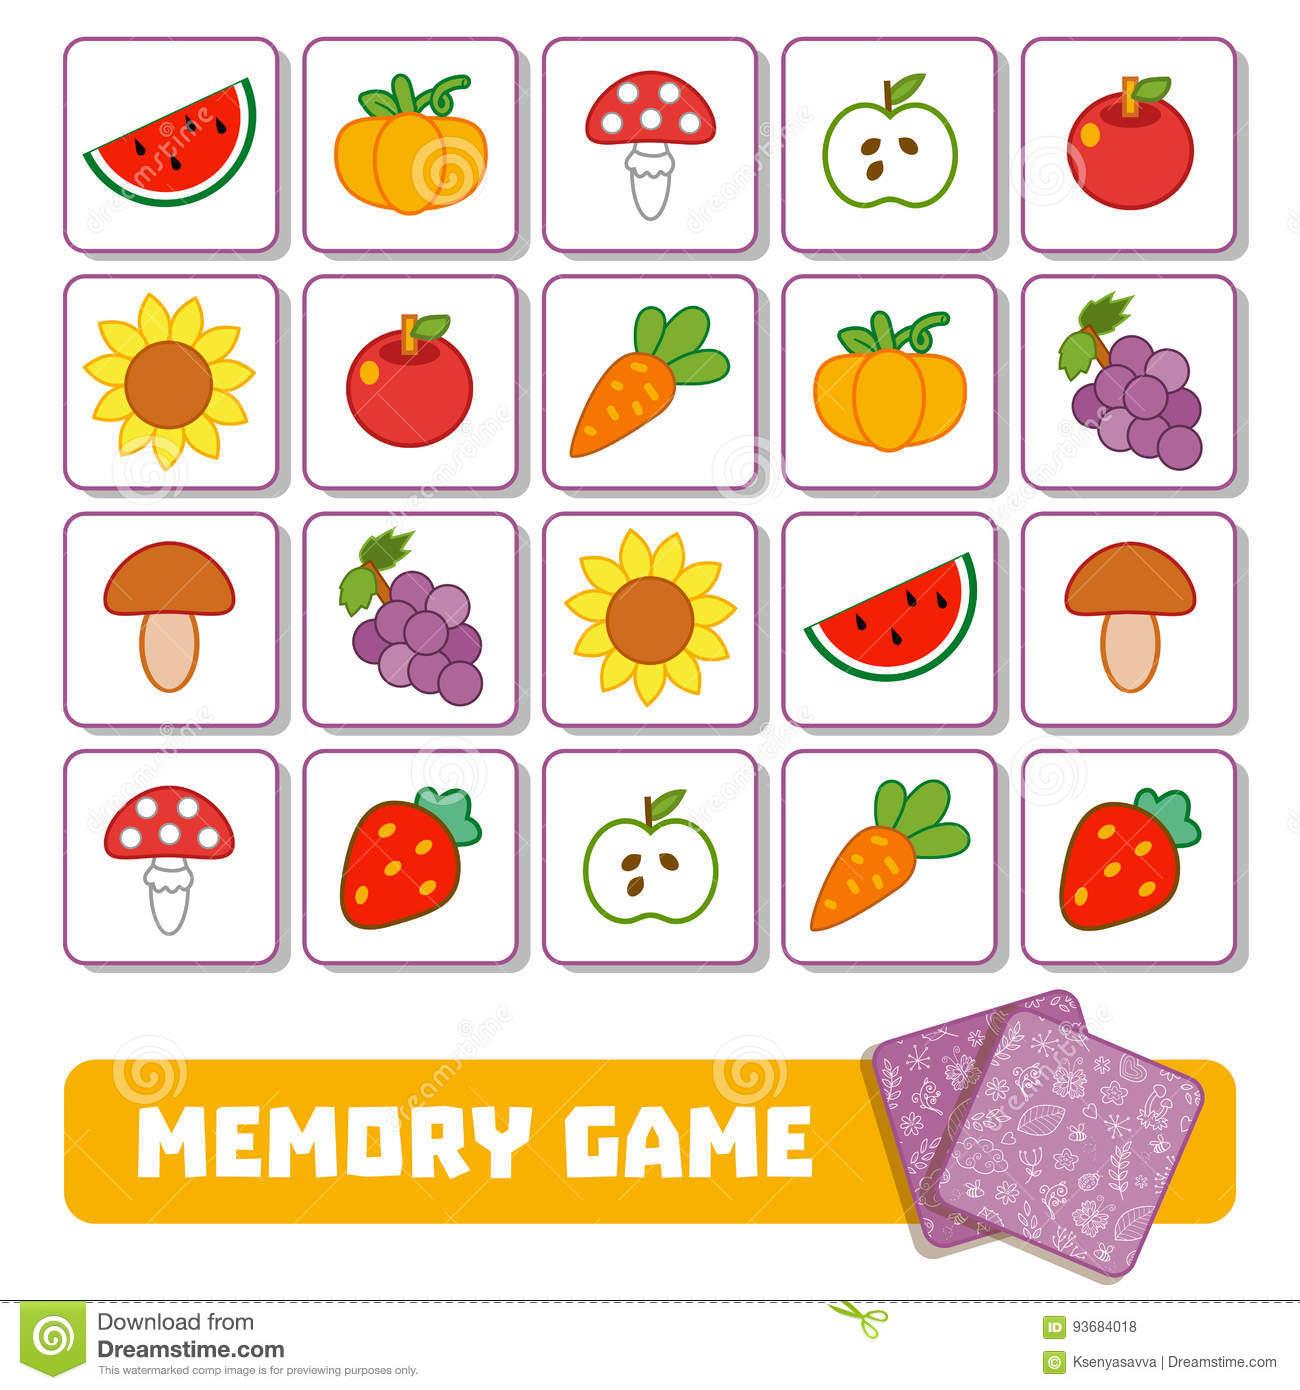 Jeux De Memoire Pour Enfant - Primanyc dedans Jeux De Memoire Enfant